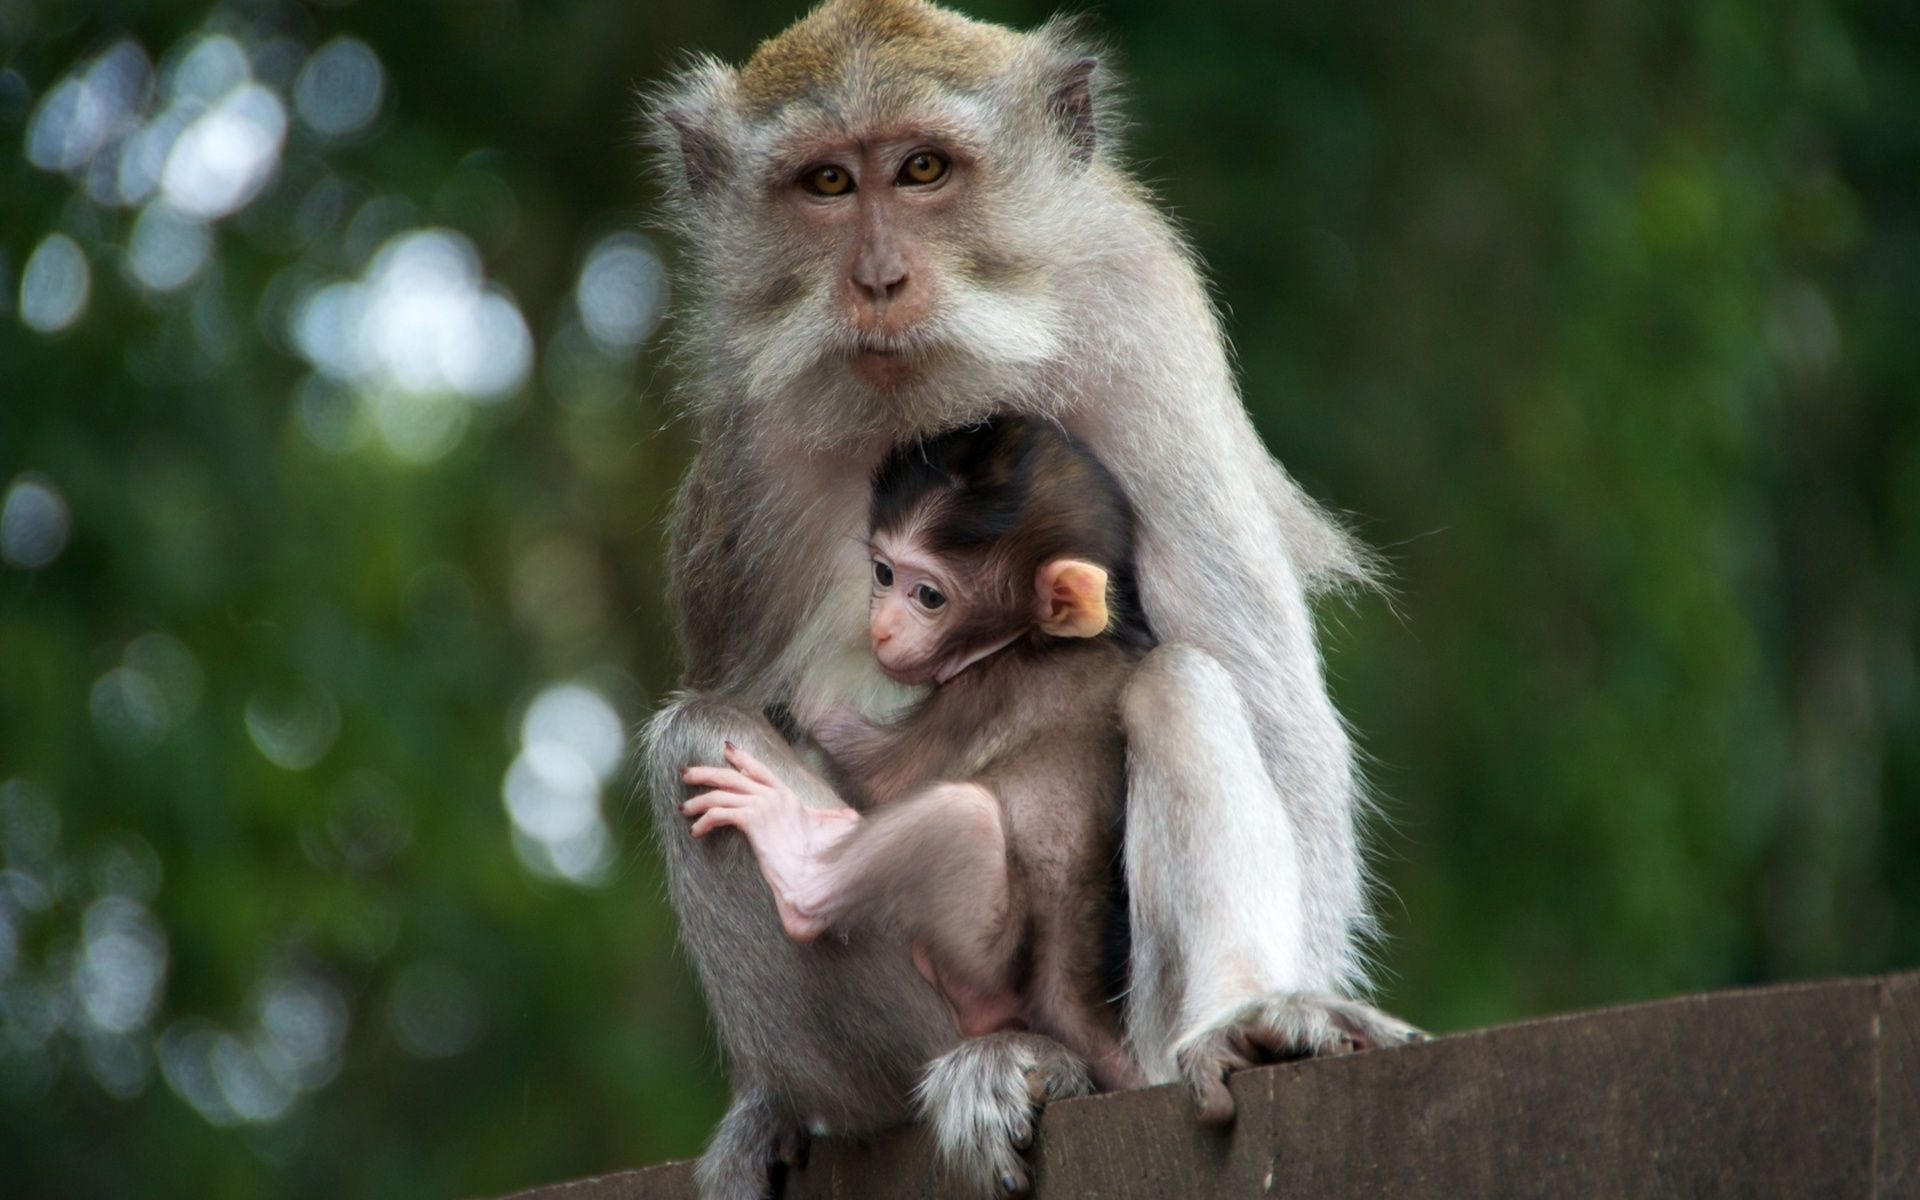 Cute monkeys wallpaper – 1213569